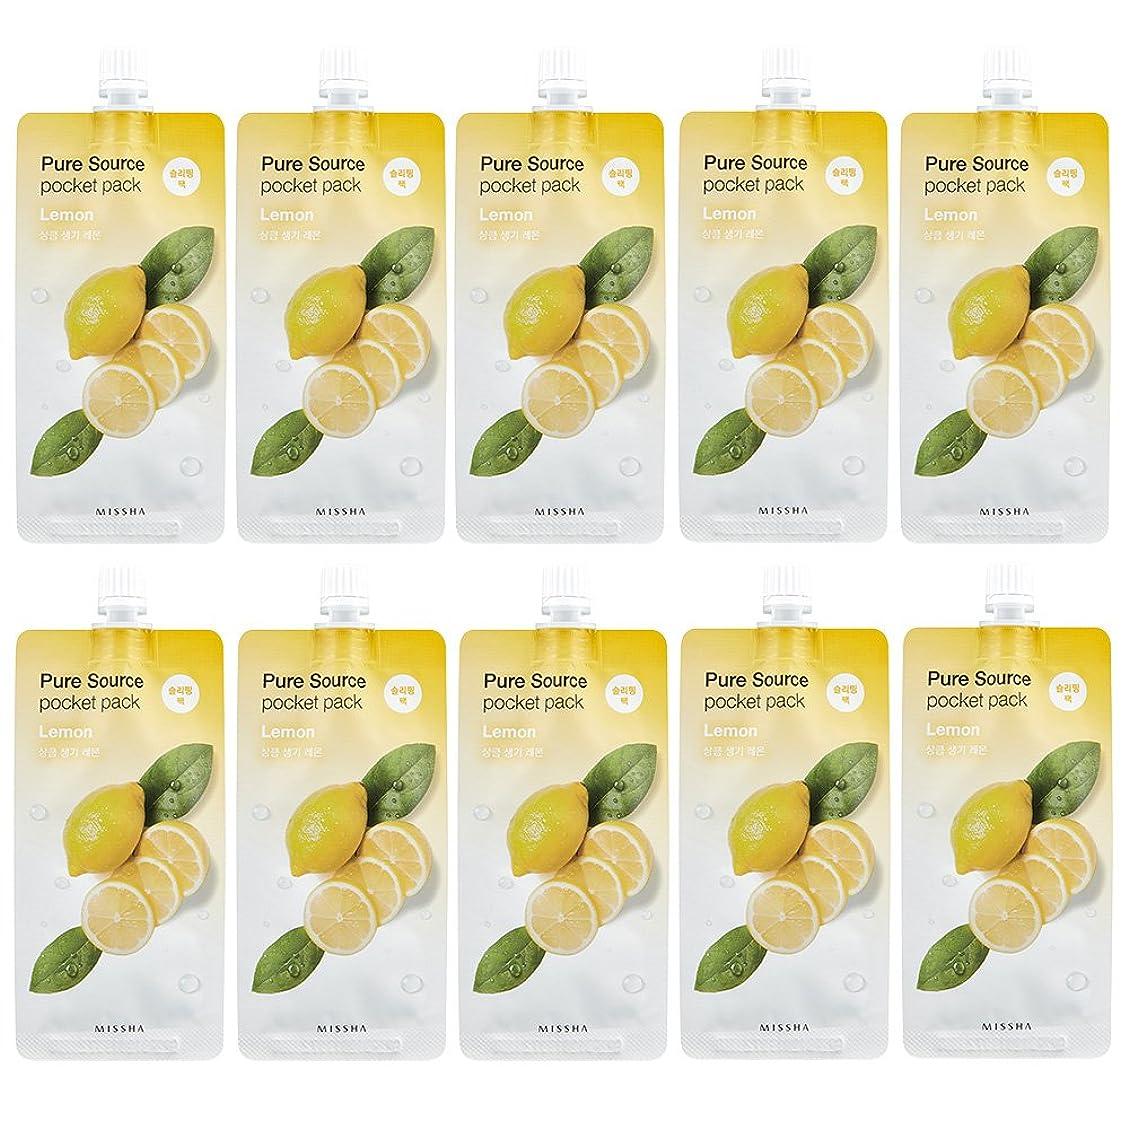 レギュラー地球許容できるミシャ ピュア ソース ポケット パック 1個 レモン(スリーピングパック)